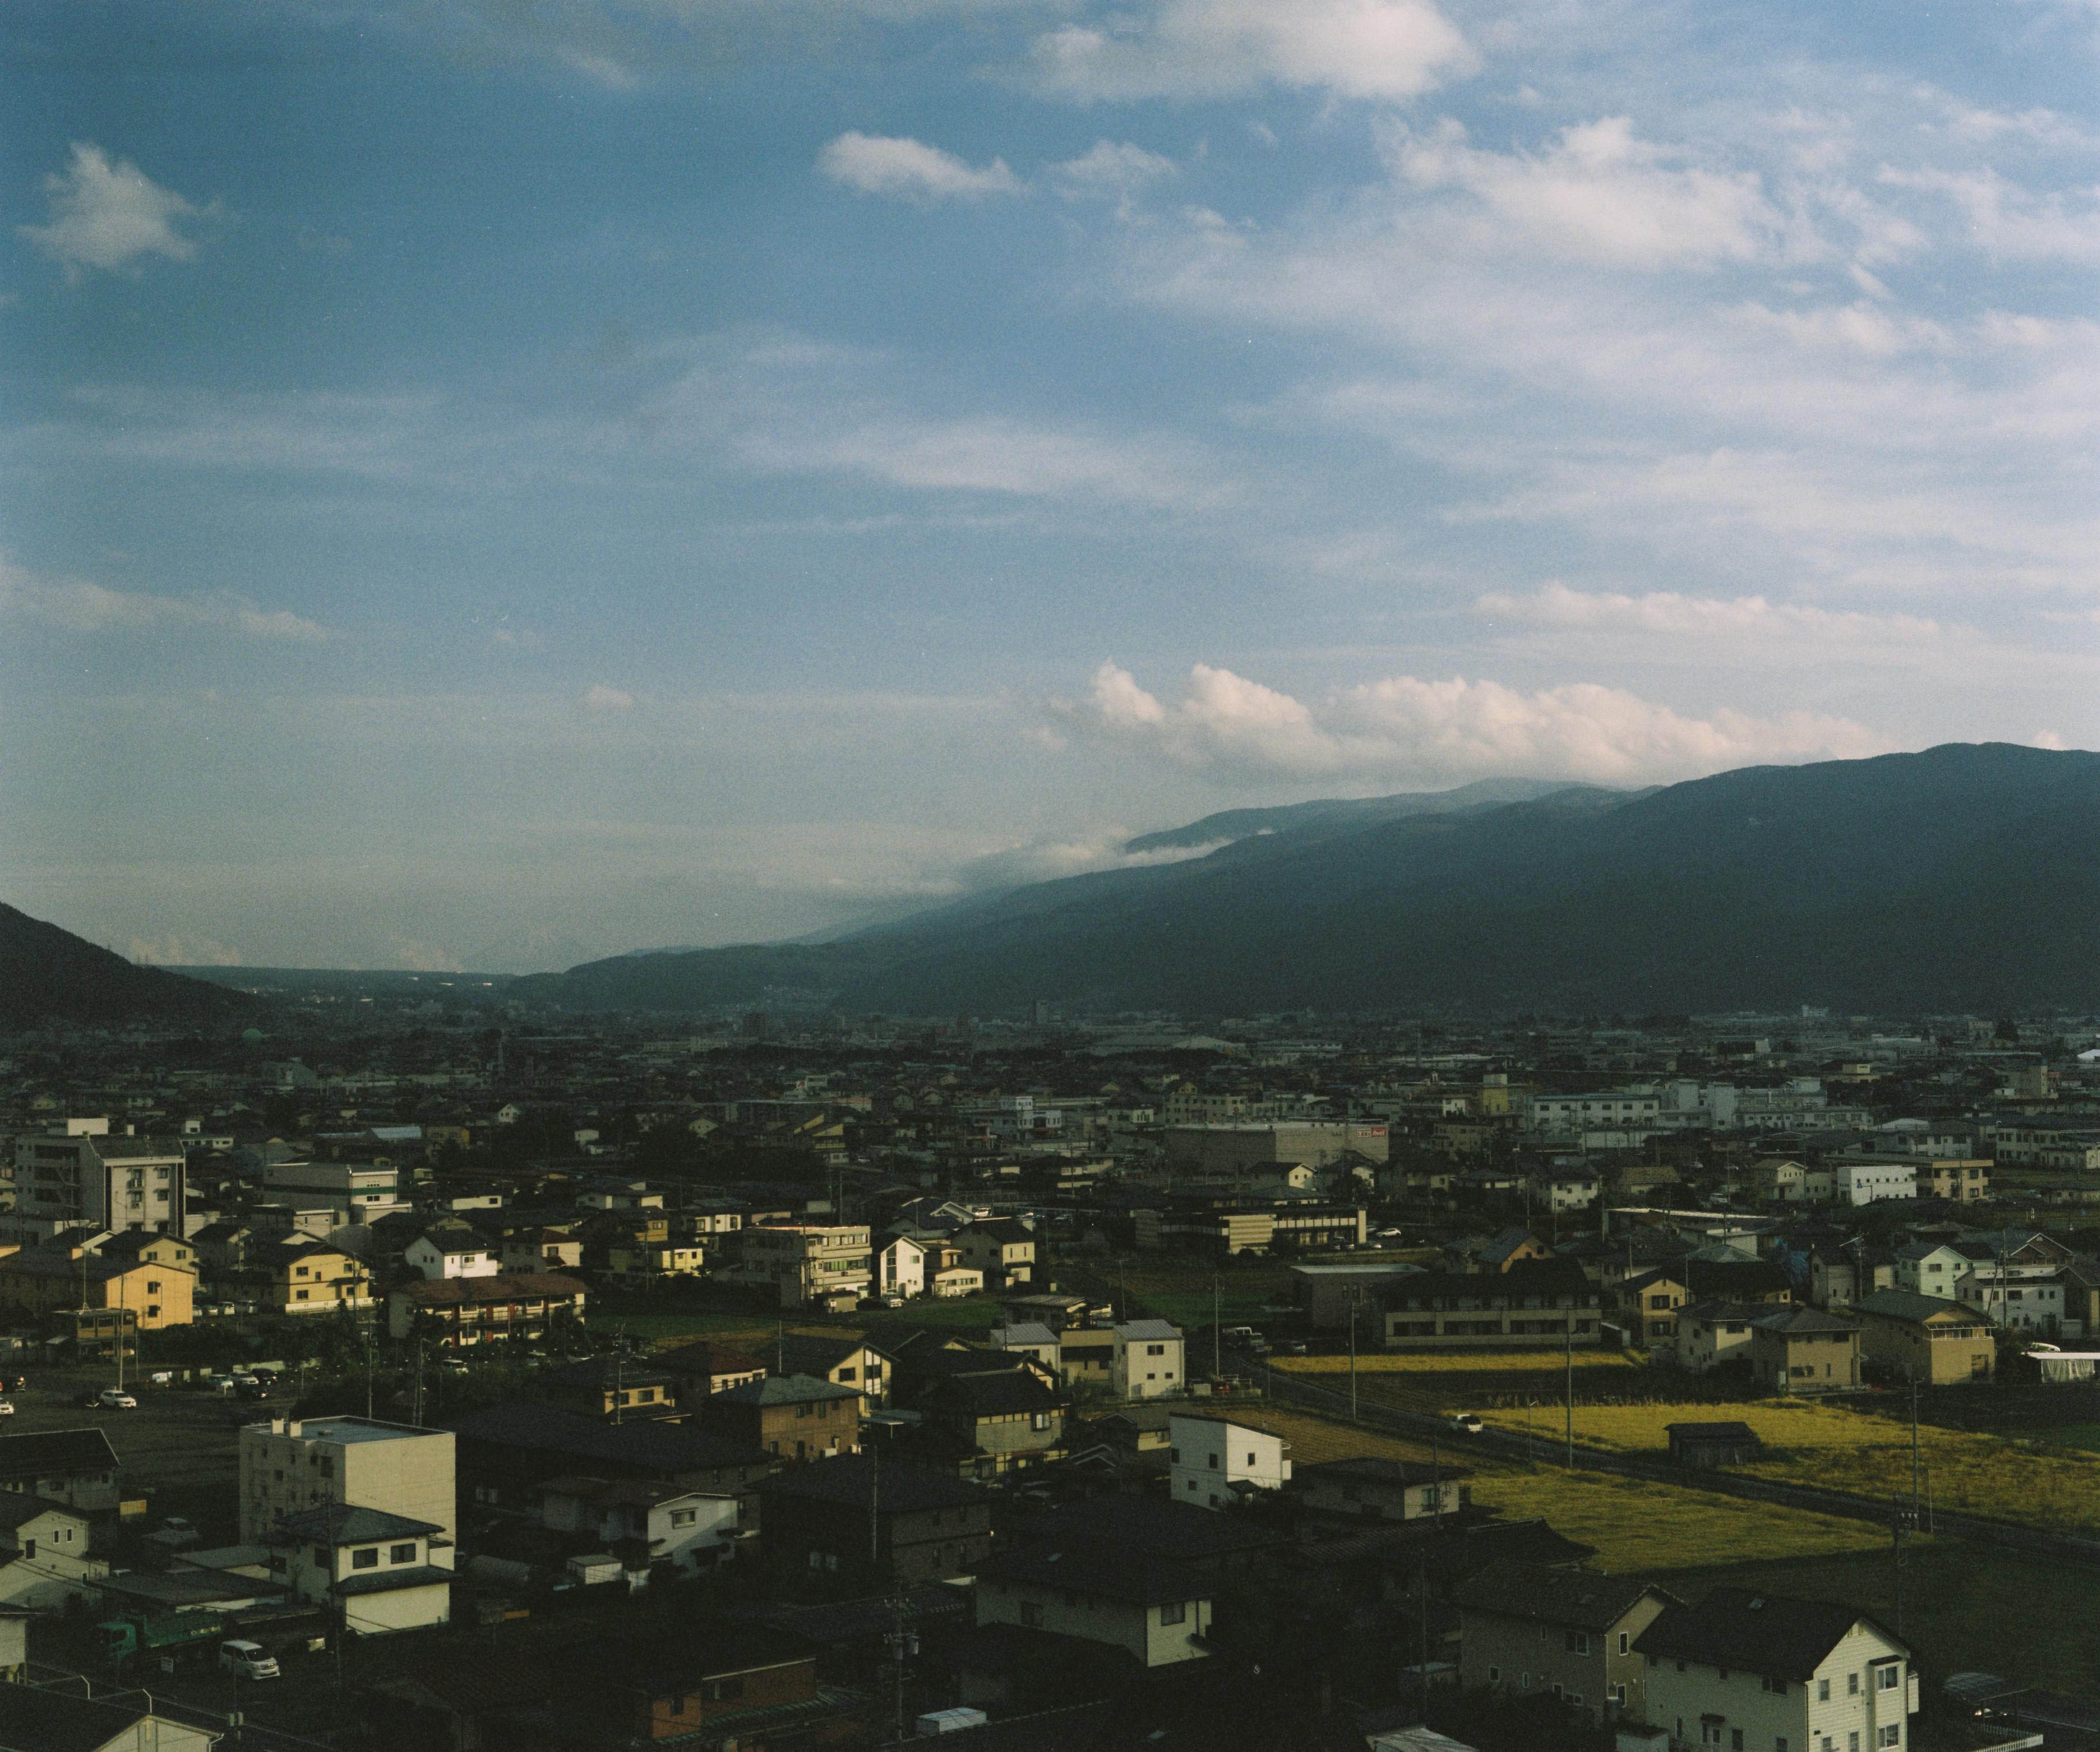 ホテルから眺める茅野市方向